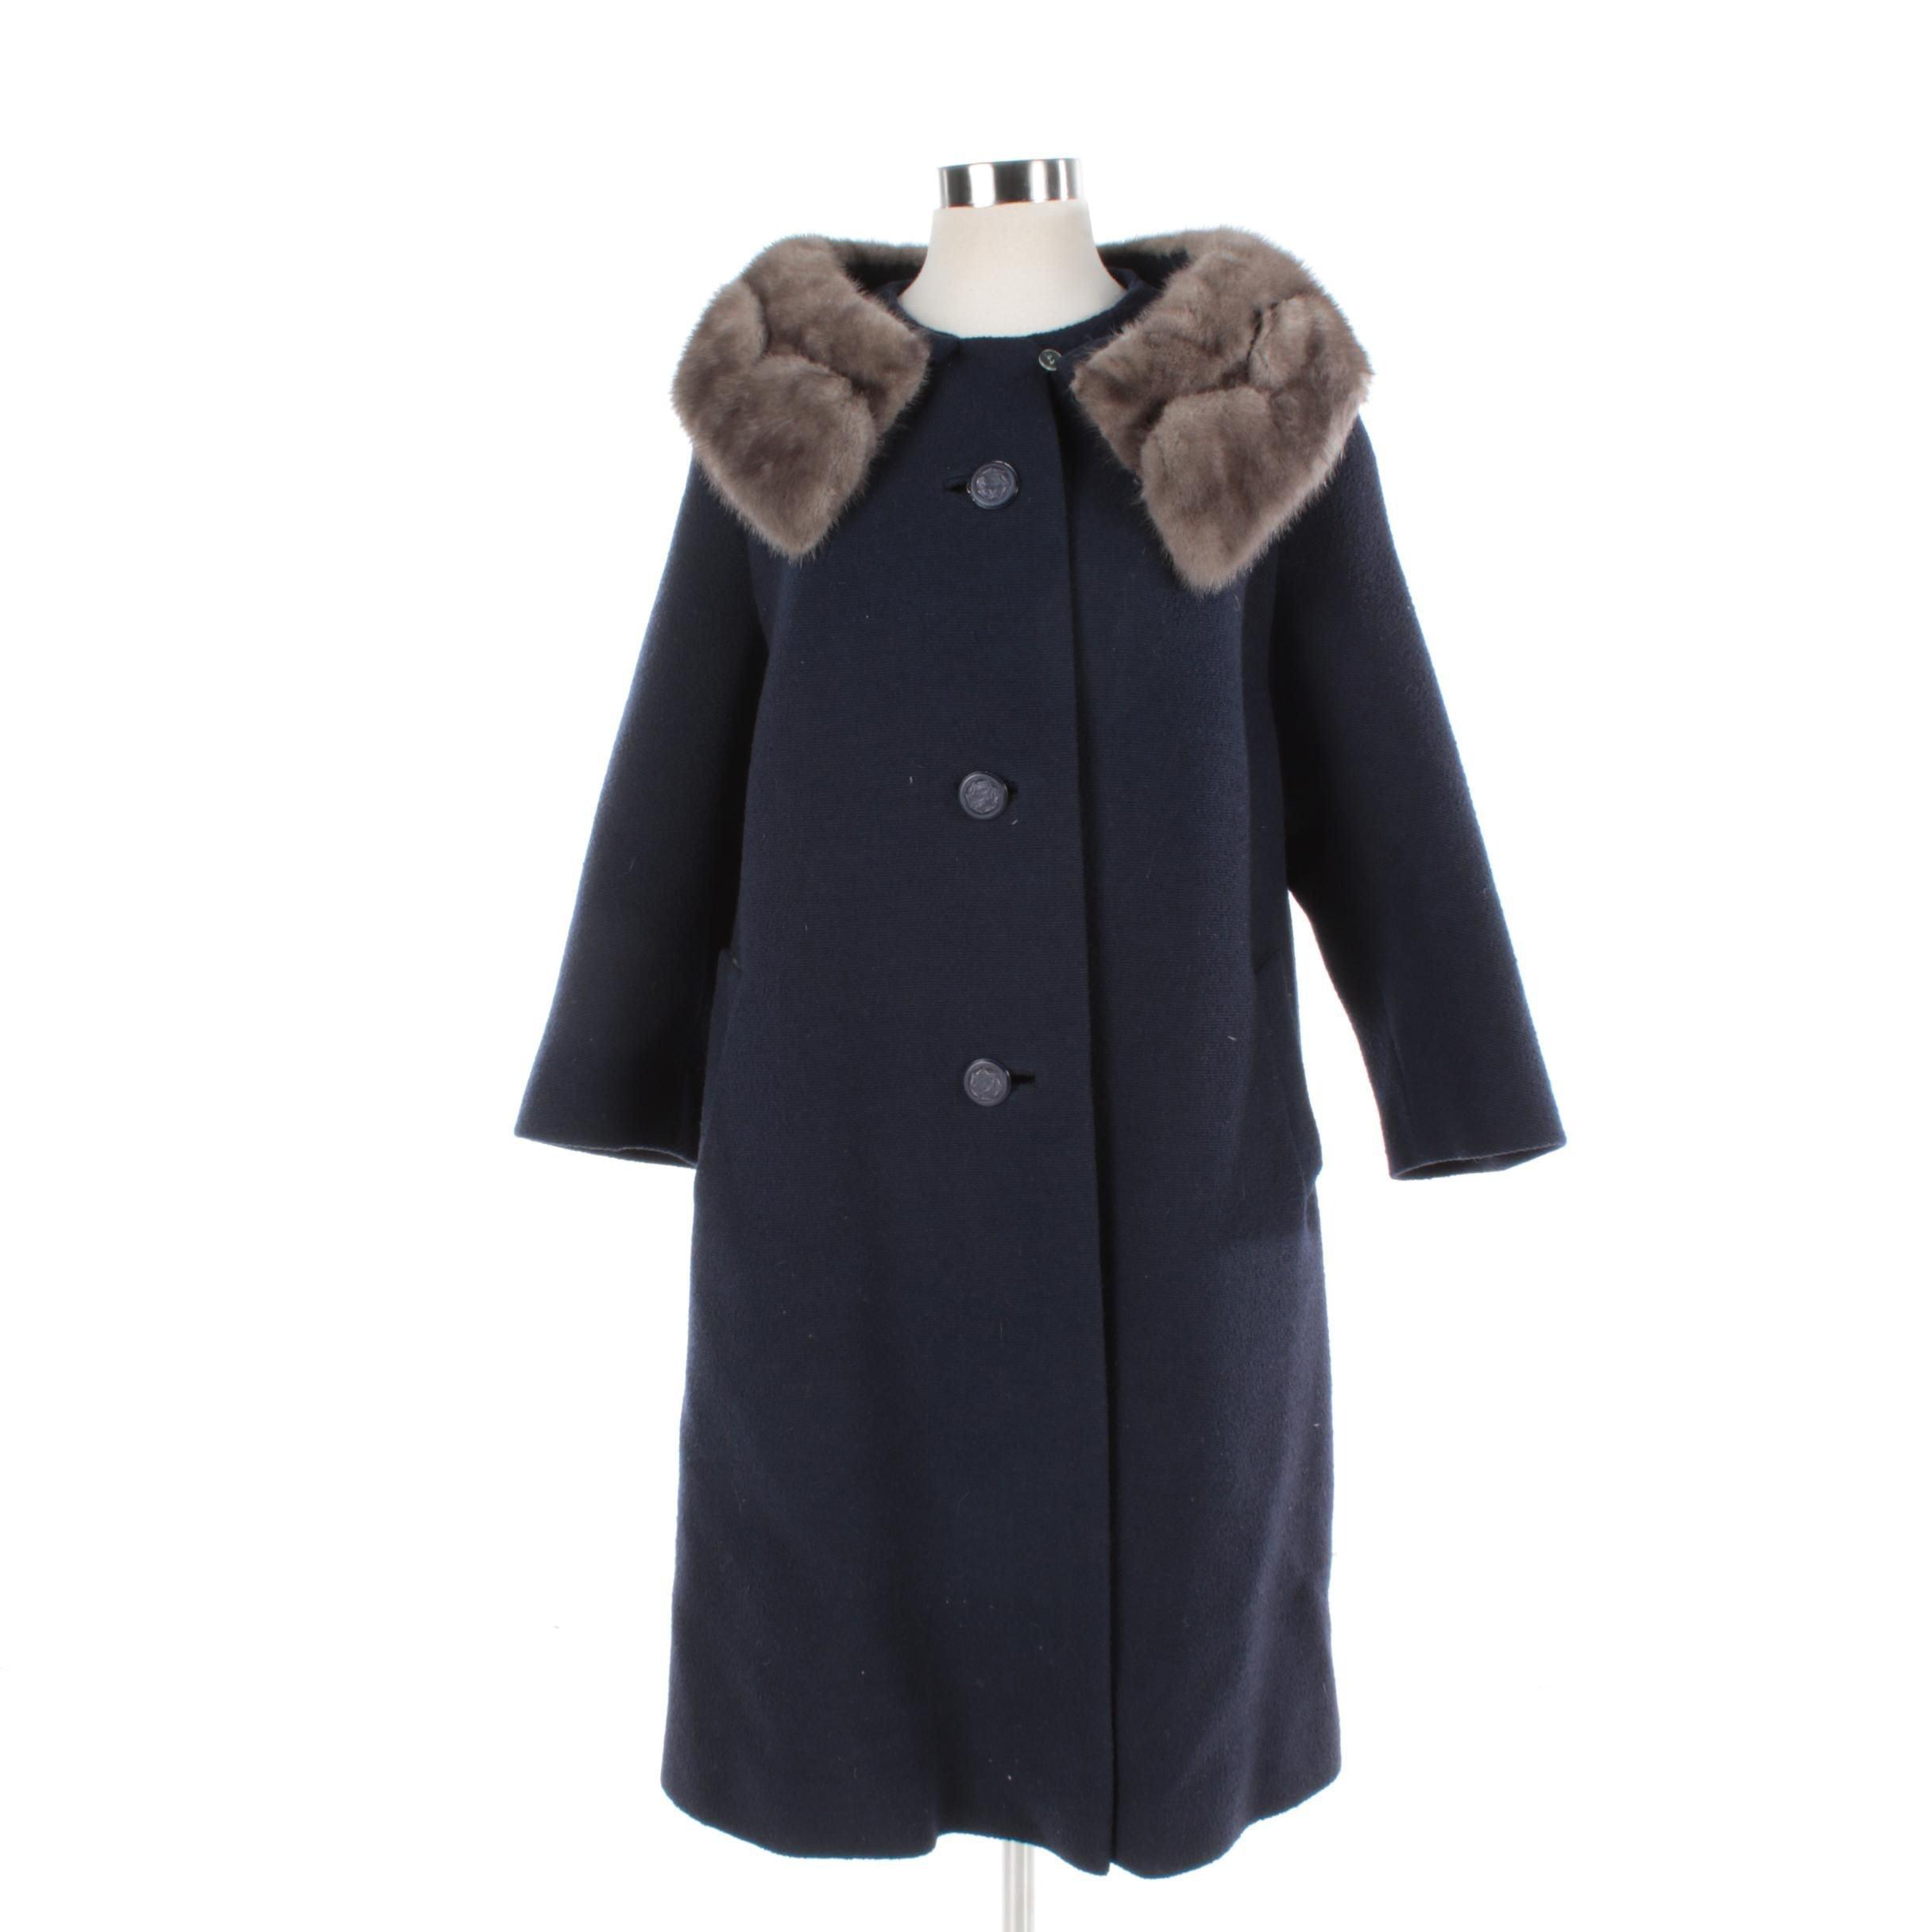 Women's Navy Blue Wool Coat with Gray Mink Fur Collar